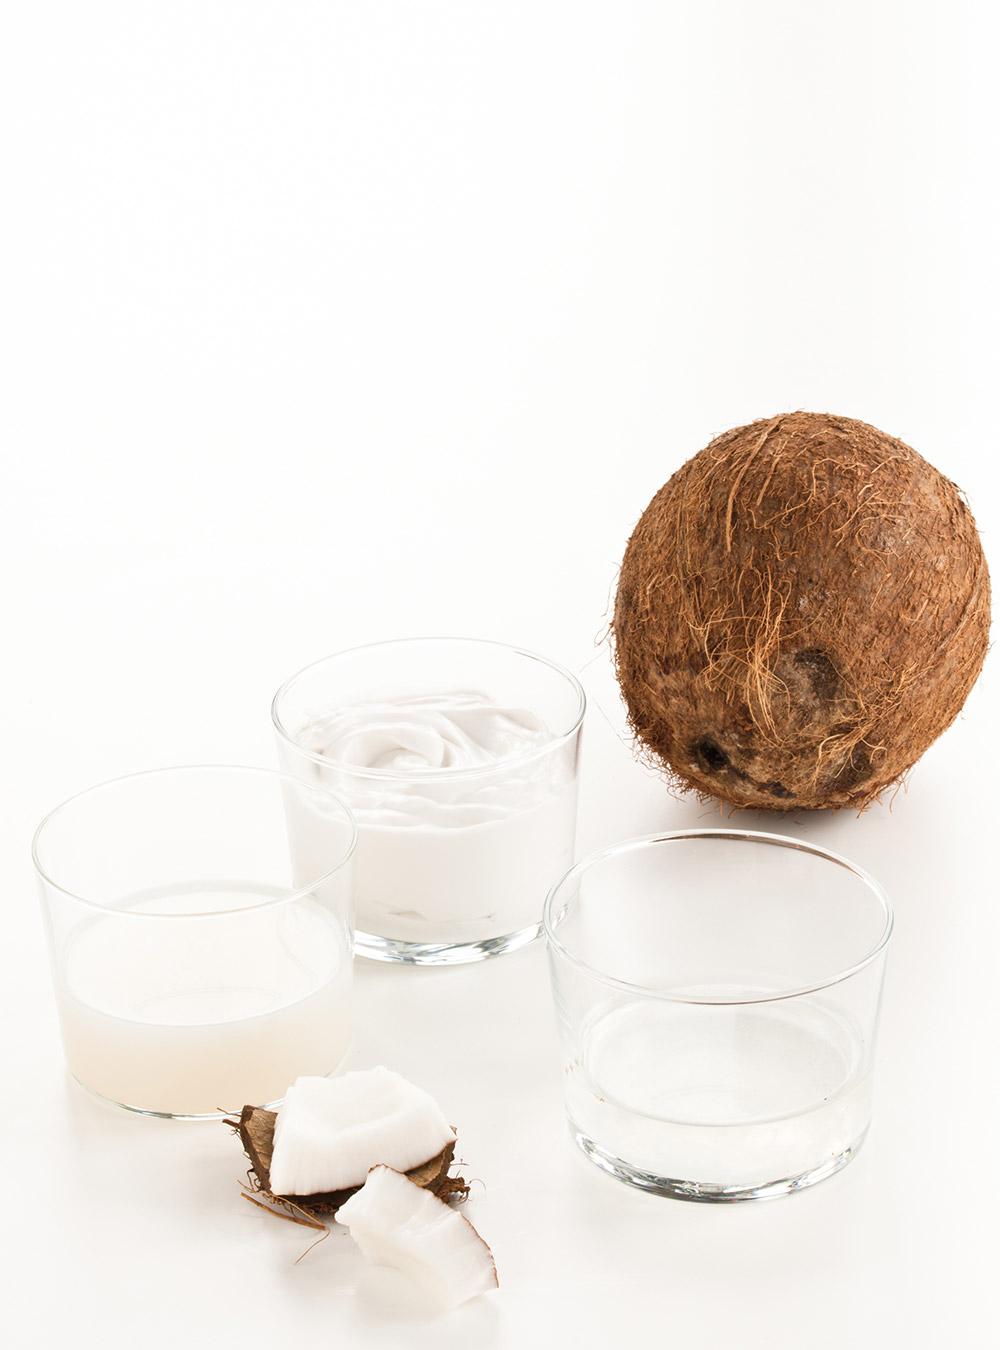 Pouding au caramel et au lait de coco sans lactose | ricardo